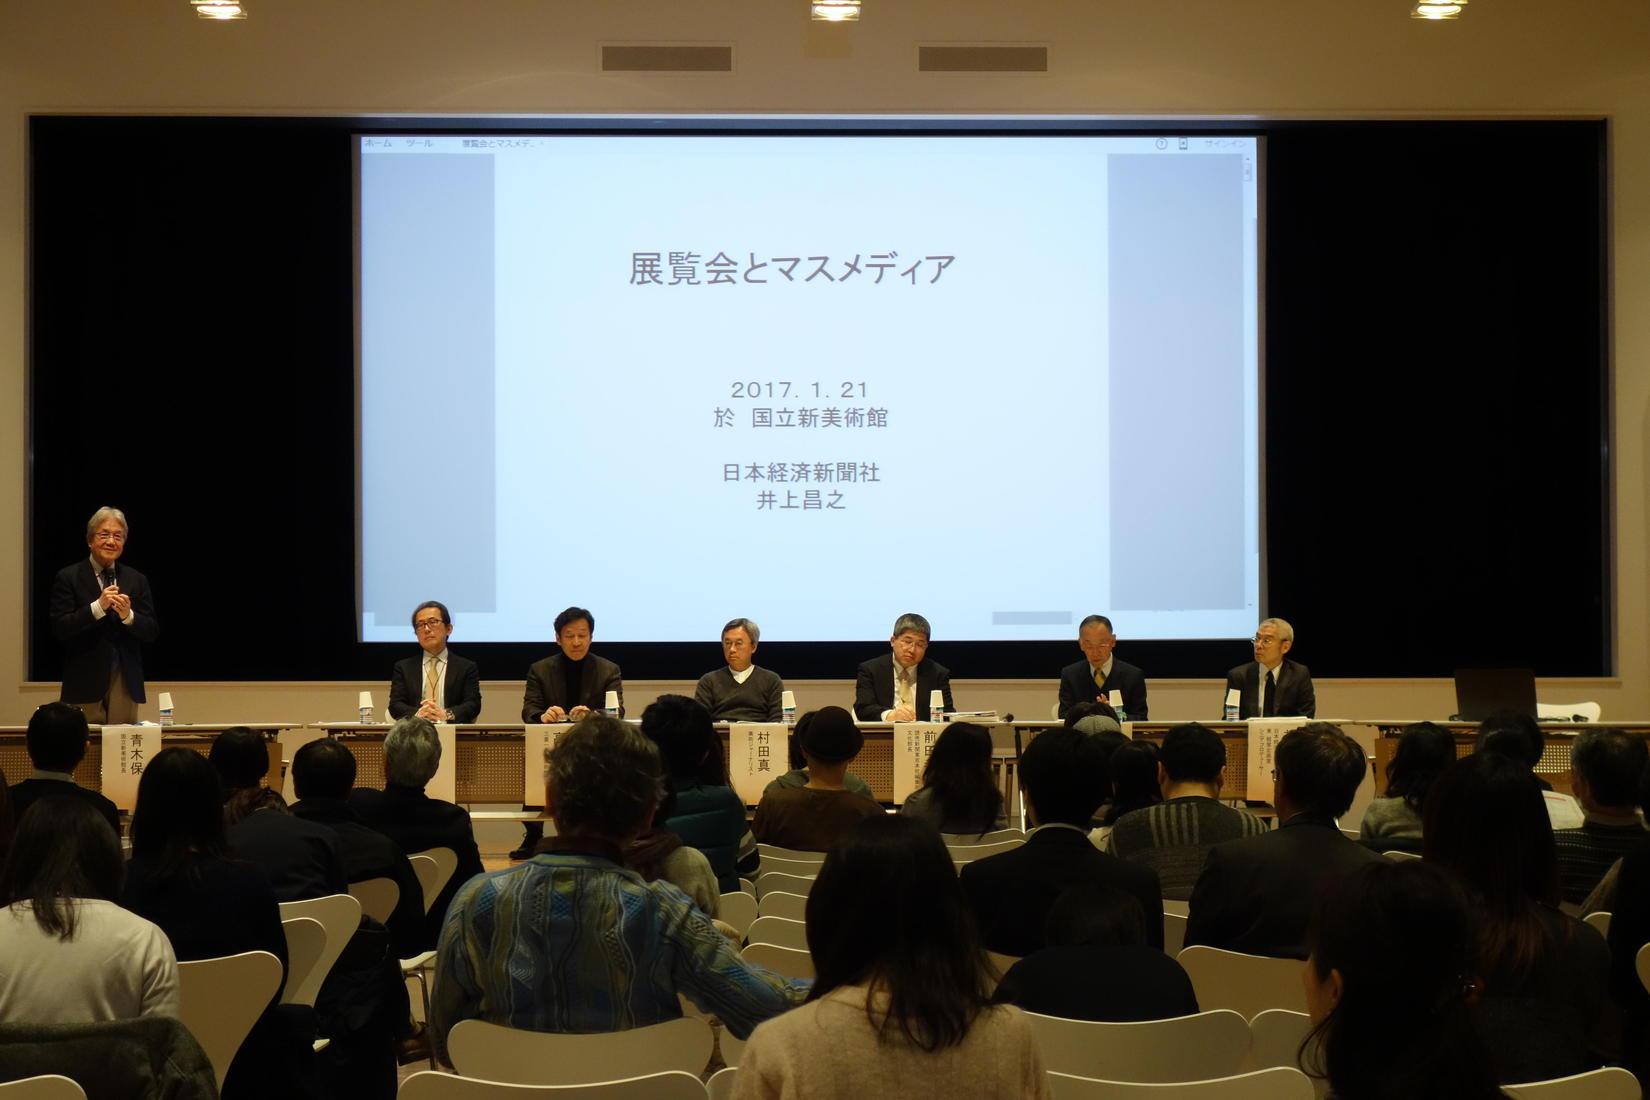 展覧会とマスメディア.JPGのサムネイル画像